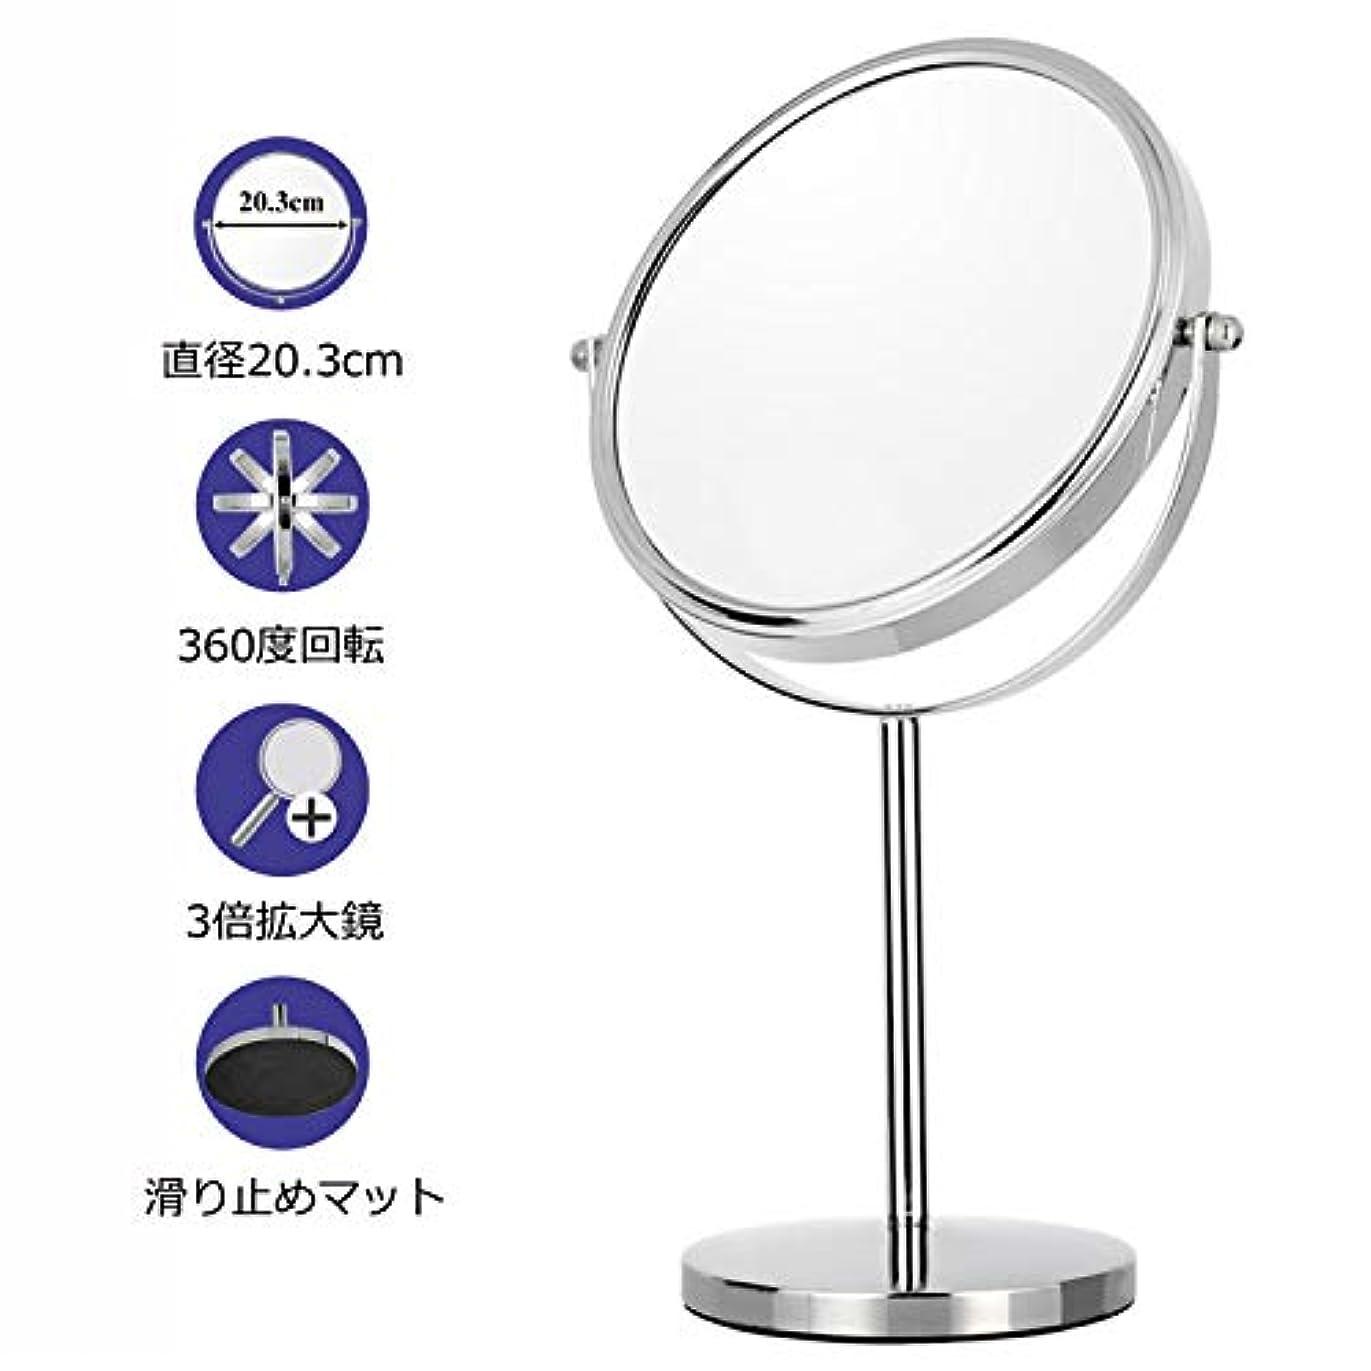 鏡 卓上 拡大鏡付き 3倍卓上鏡 真実の両面鏡 浴室鏡 ミラー 360度回転 スタンドミラー クロム 鏡 (鏡面23.2cm)